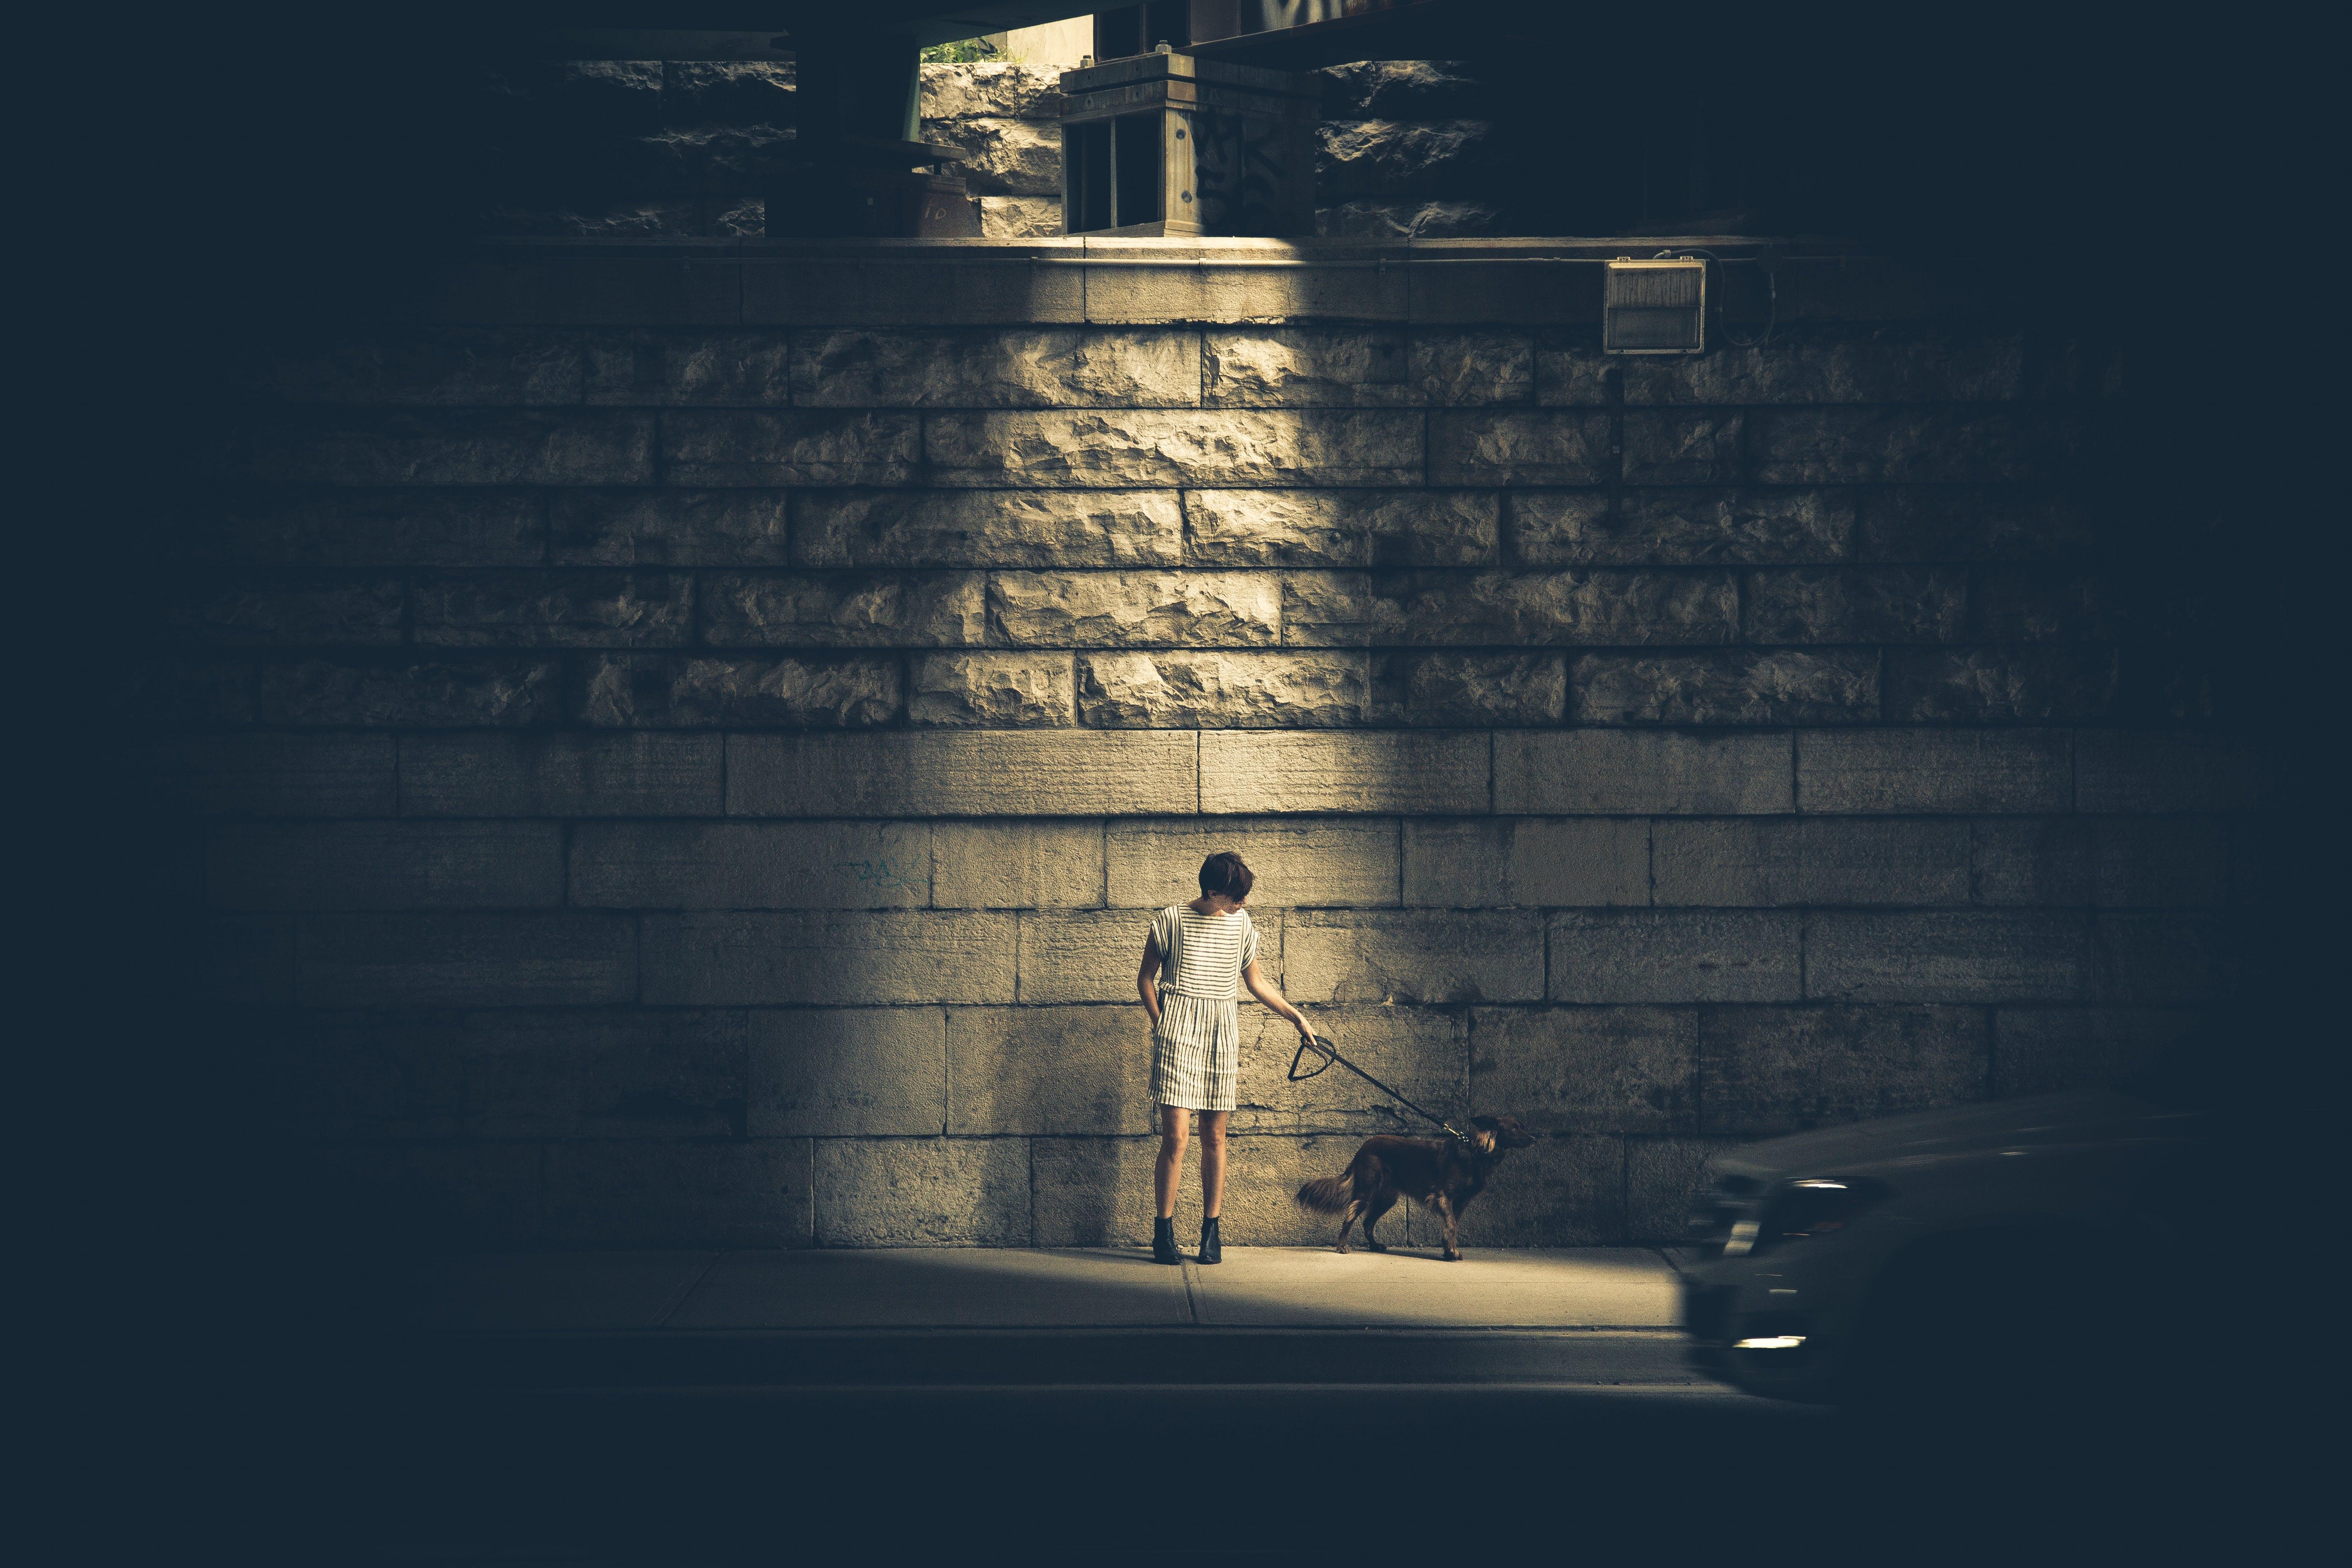 Man Walking With German Shepherd Outdoor